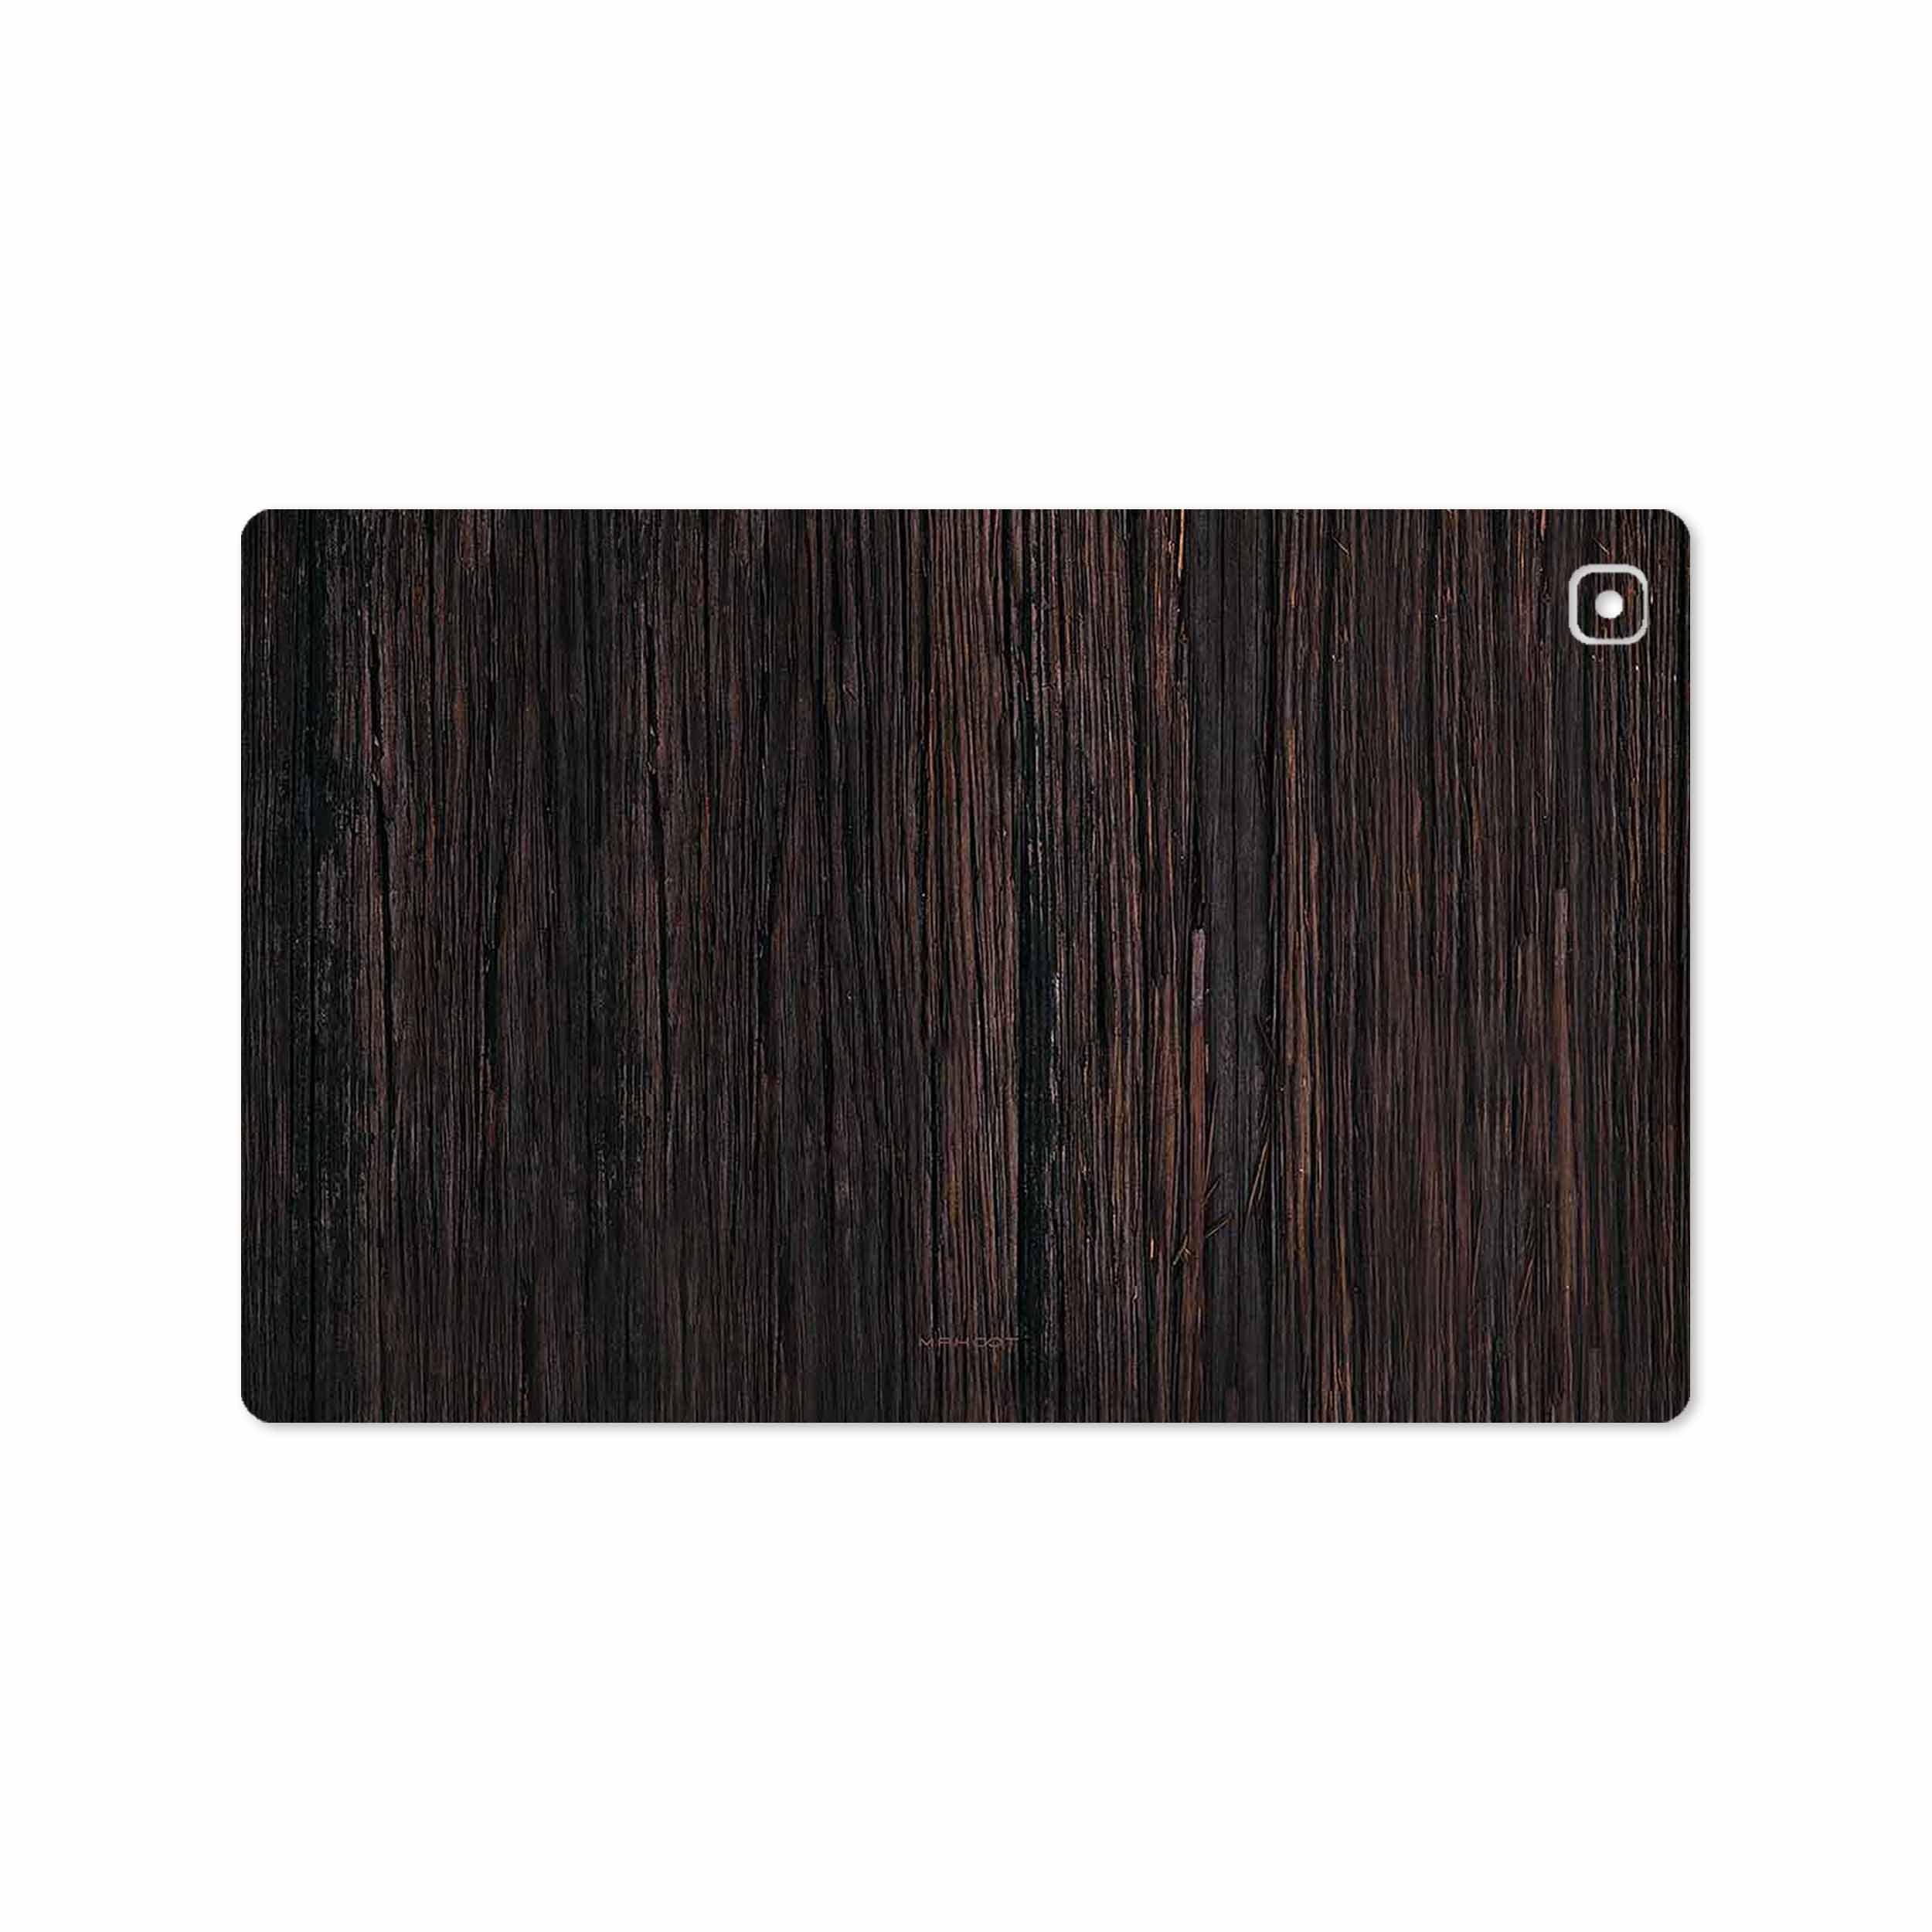 بررسی و خرید [با تخفیف]                                     برچسب پوششی ماهوت مدل Burned Wood مناسب برای تبلت سامسونگ Galaxy Tab A7 10.4 LTE 2020 T505                             اورجینال